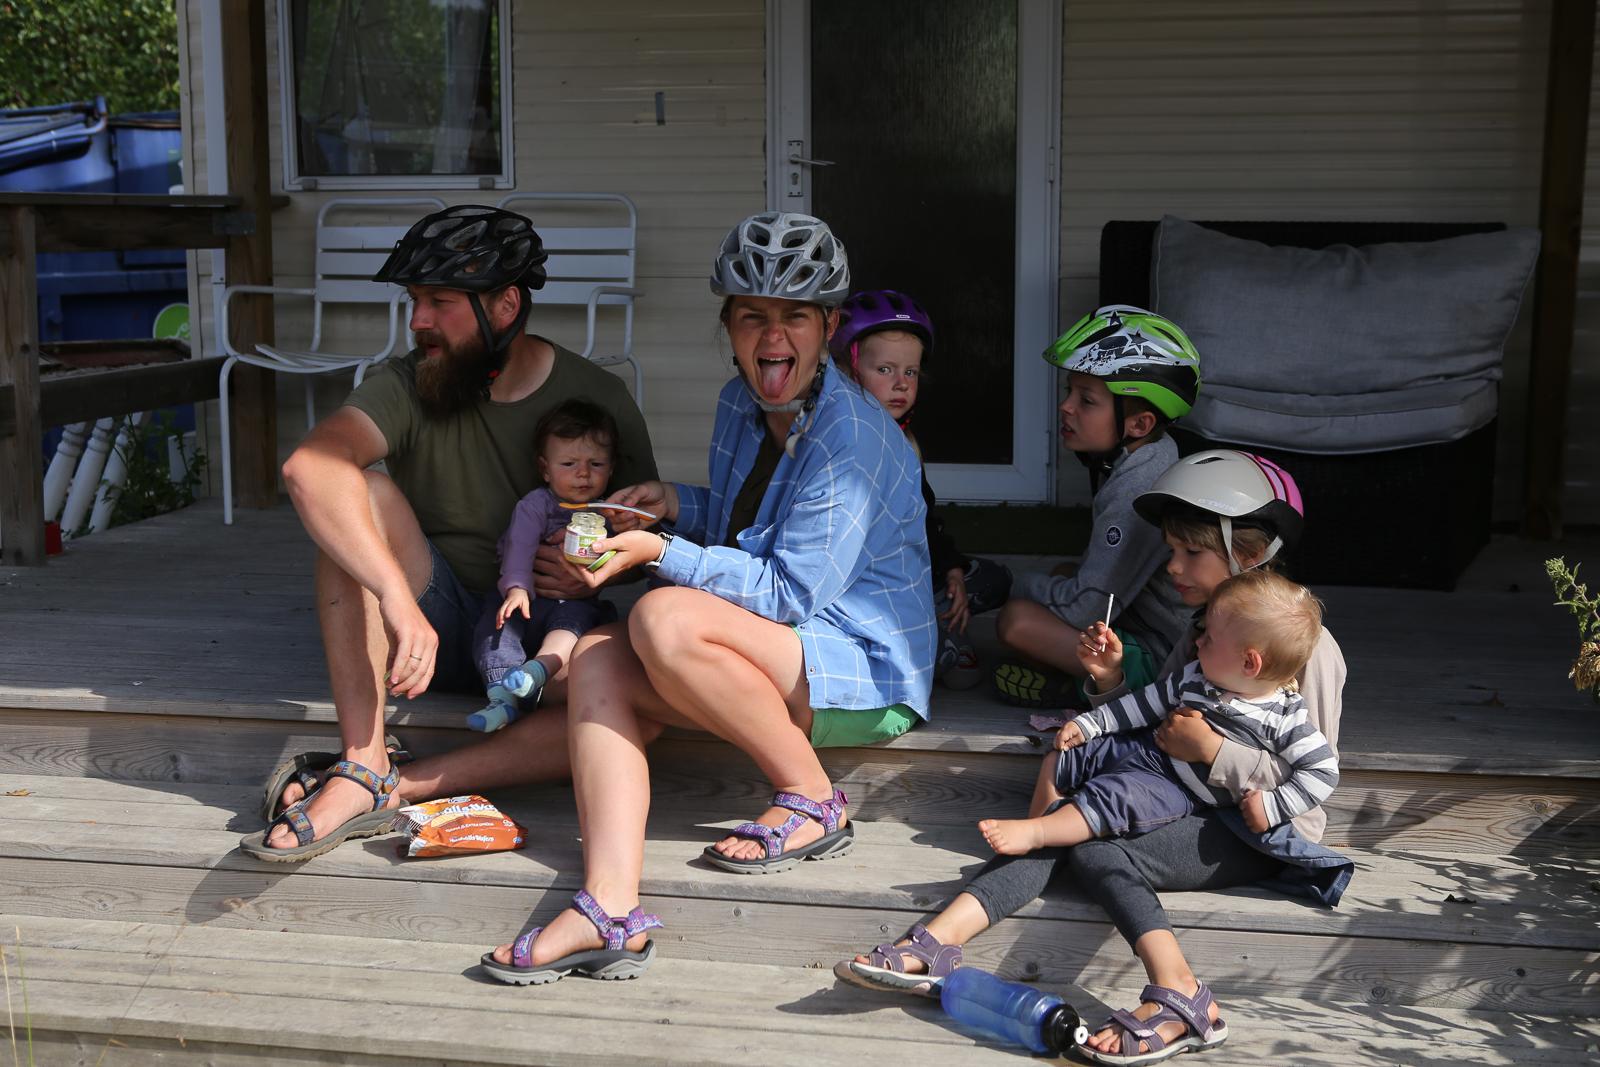 rowery rodzinnie szwecja016